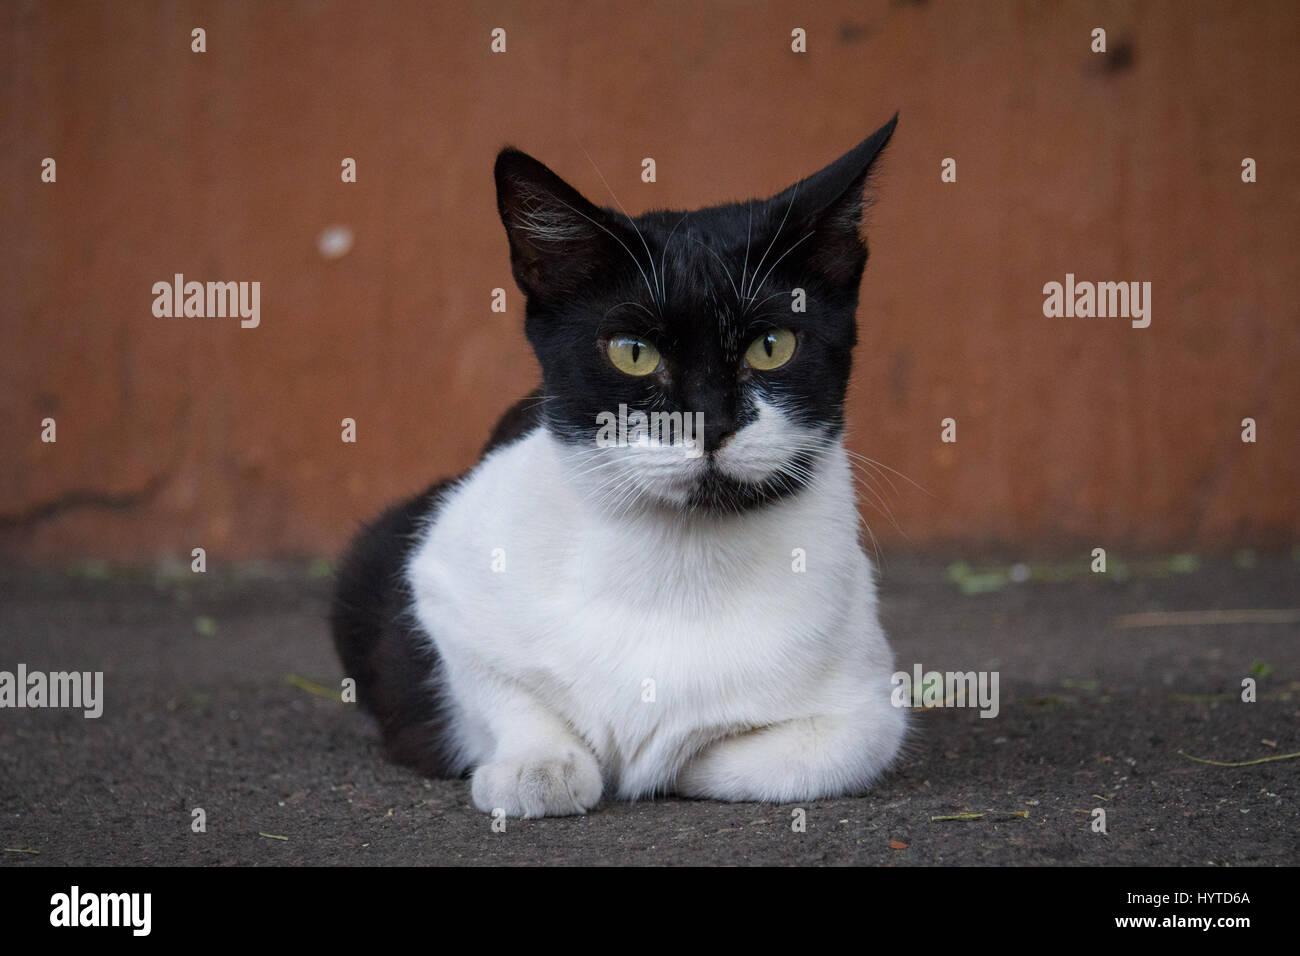 chat noir et blanc portant dans une rue   u00e0 l u0026 39 appareil photo une photo d u0026 39 un chat errant en noir